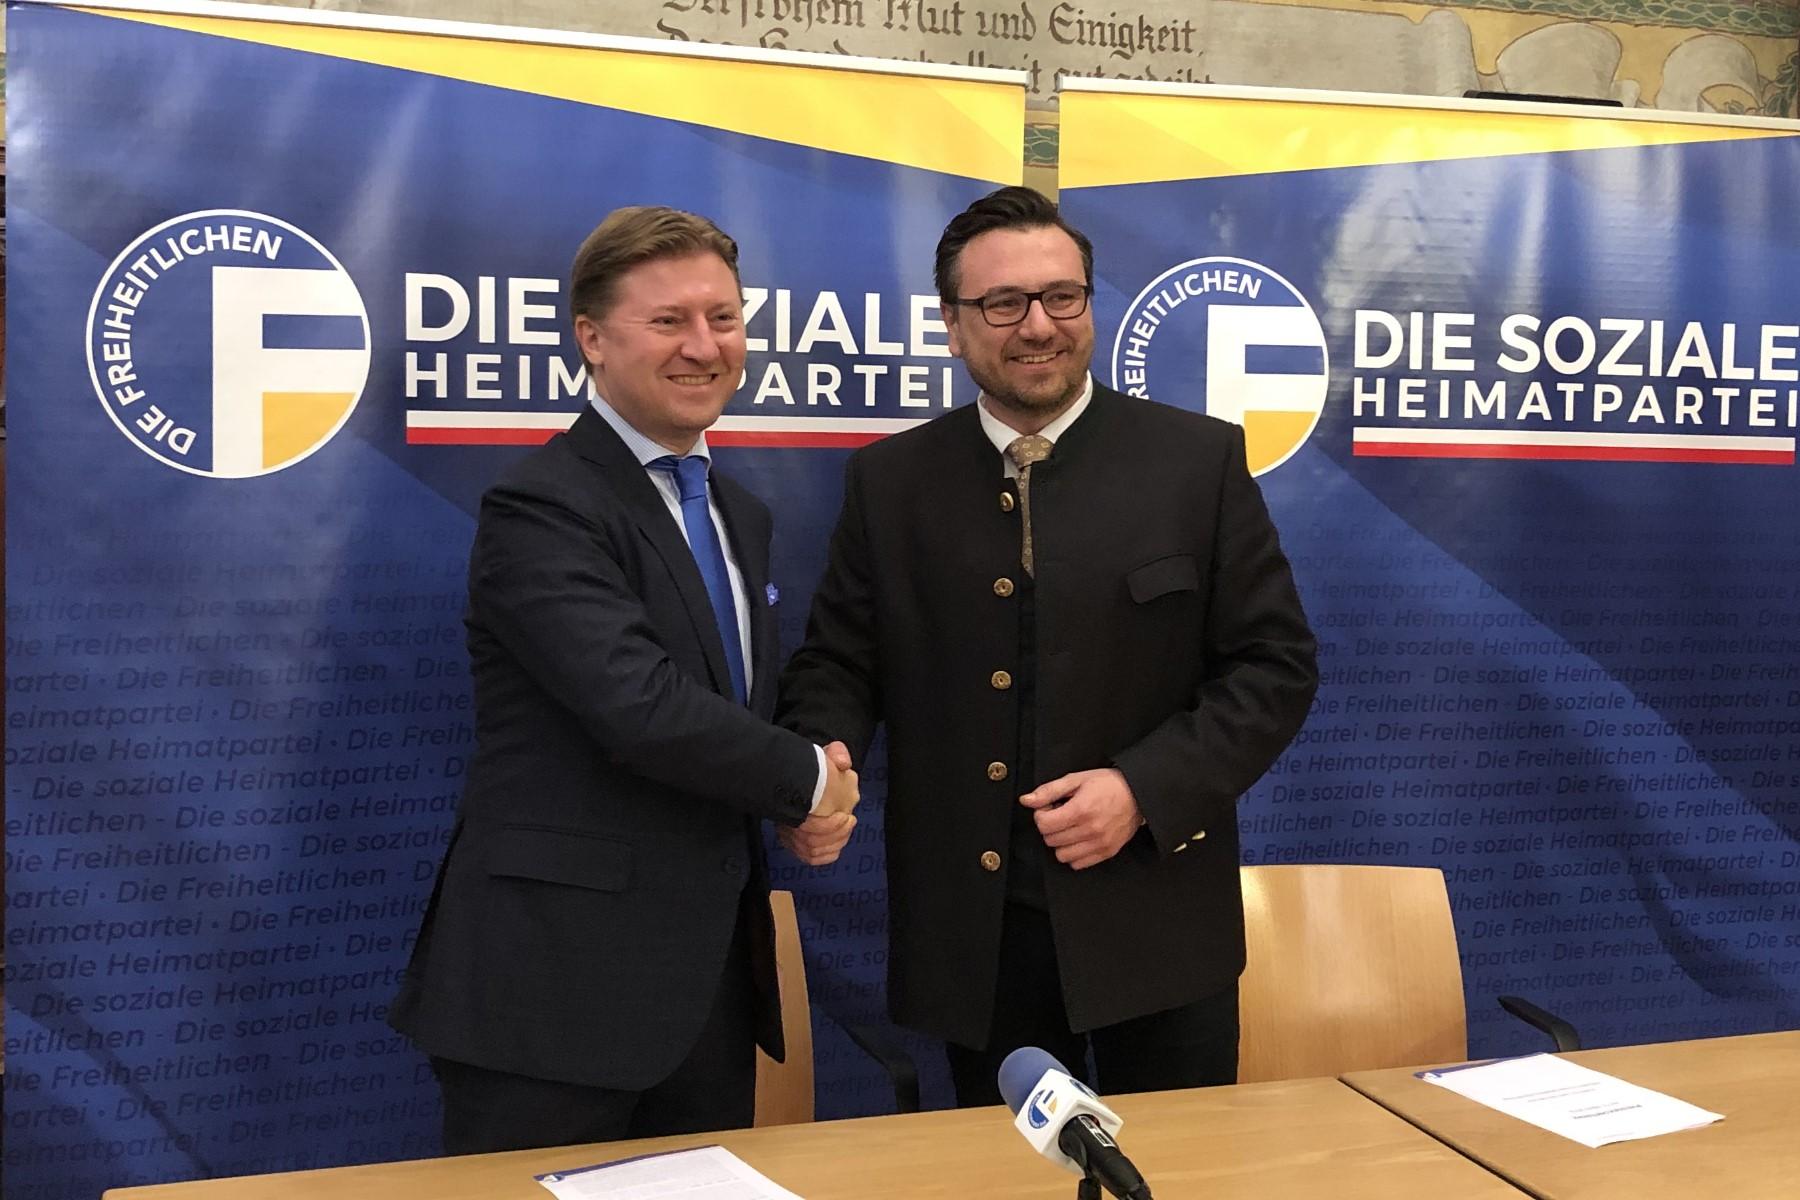 Otto Mahlknecht als neuer Freiheitlicher Generalsekretär ernannt